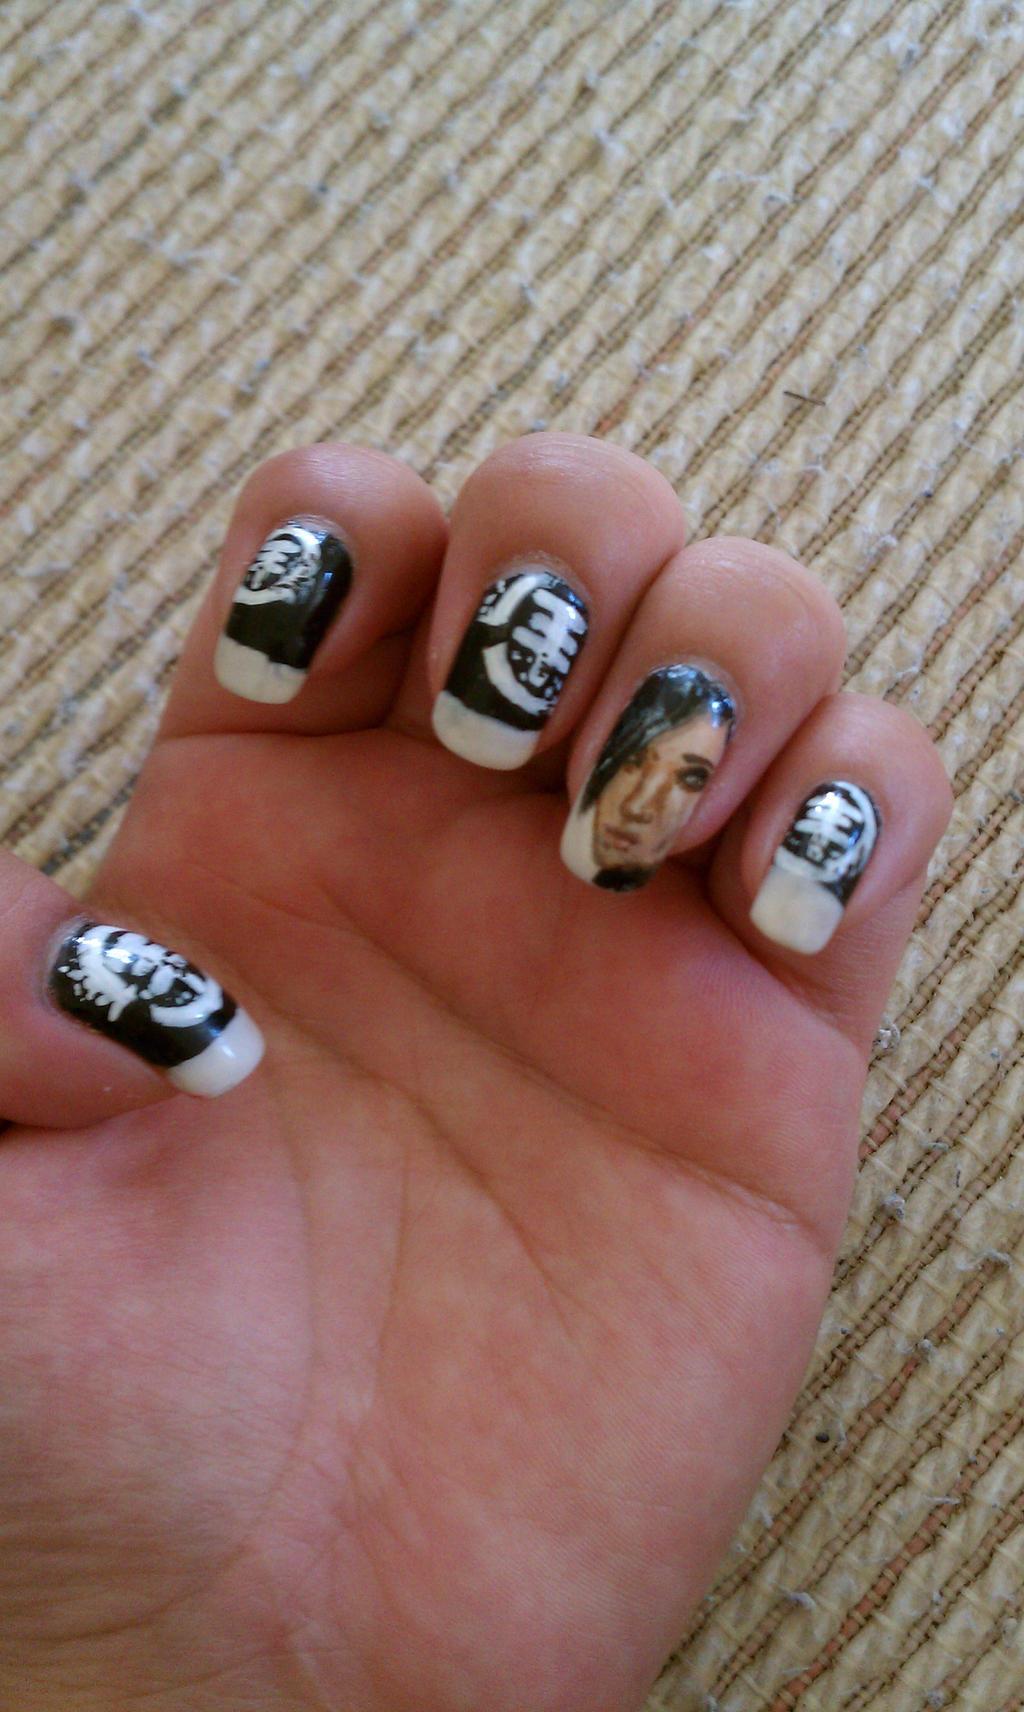 Tokio Hotel Inspired Nail Art By Yuuko777